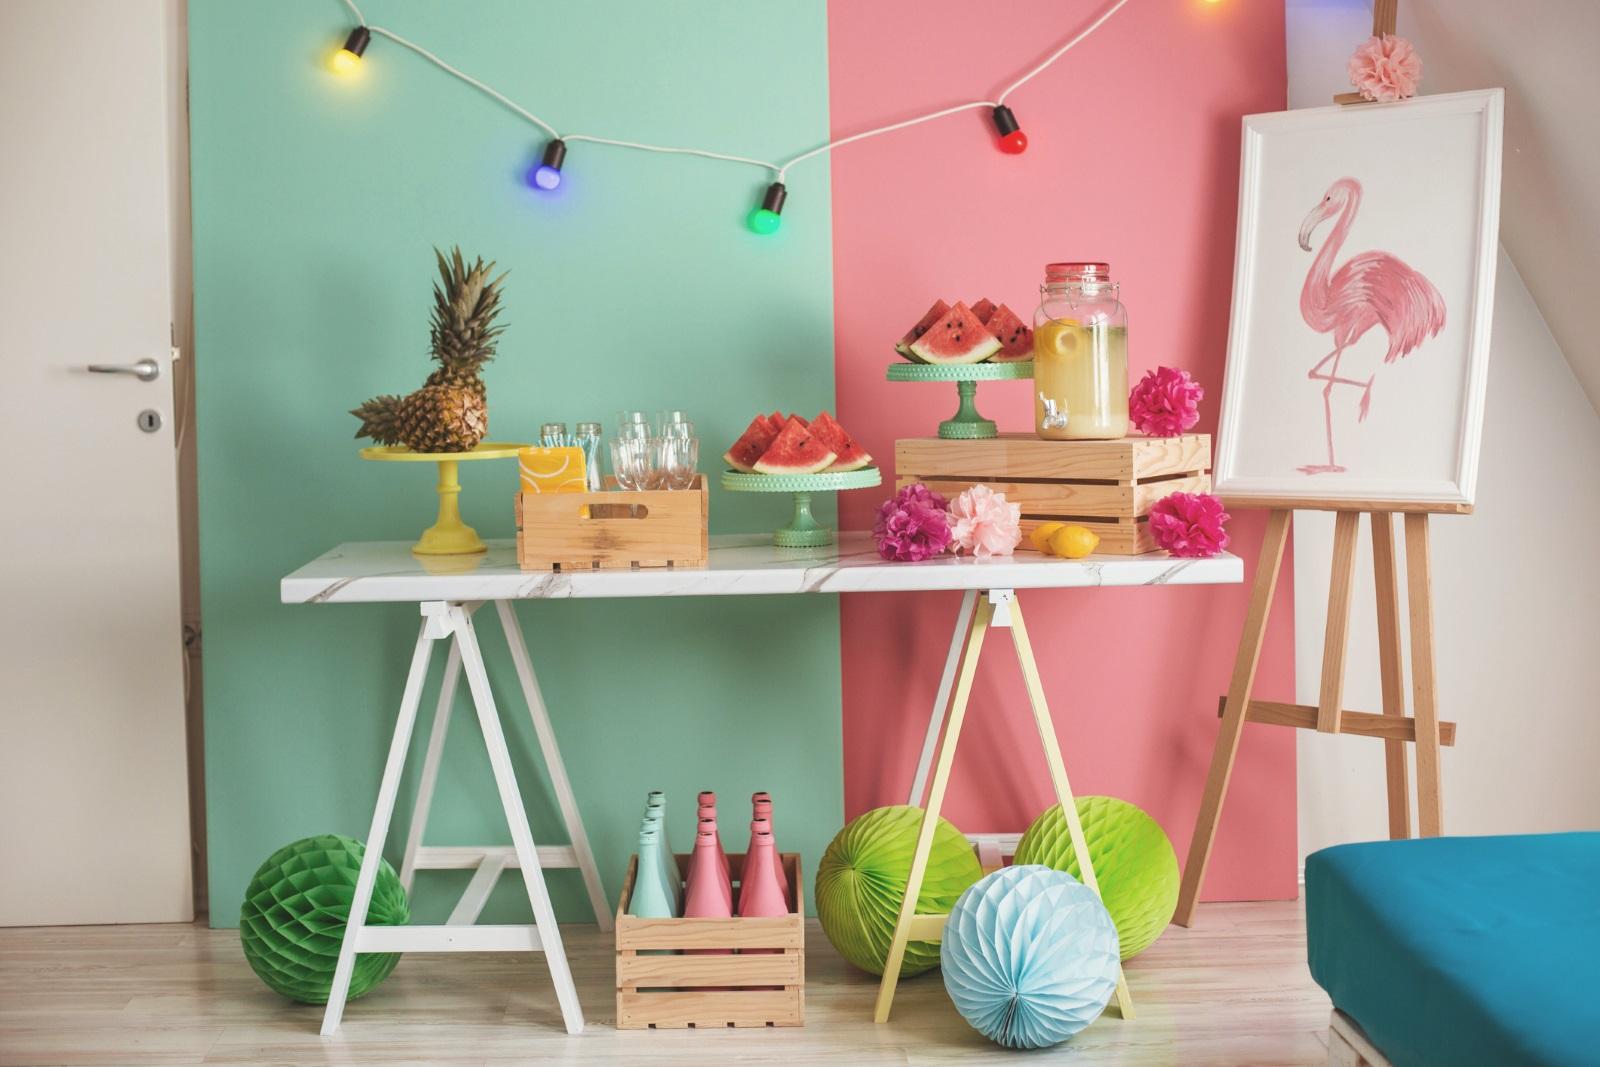 Освежете стените на дома с ярки цветове, защо не, сезонът предразполага. Може, разбира се, да не пребоядисвате цялата стая, а само една стена от нея, така ще се получи още по-голям ефект.